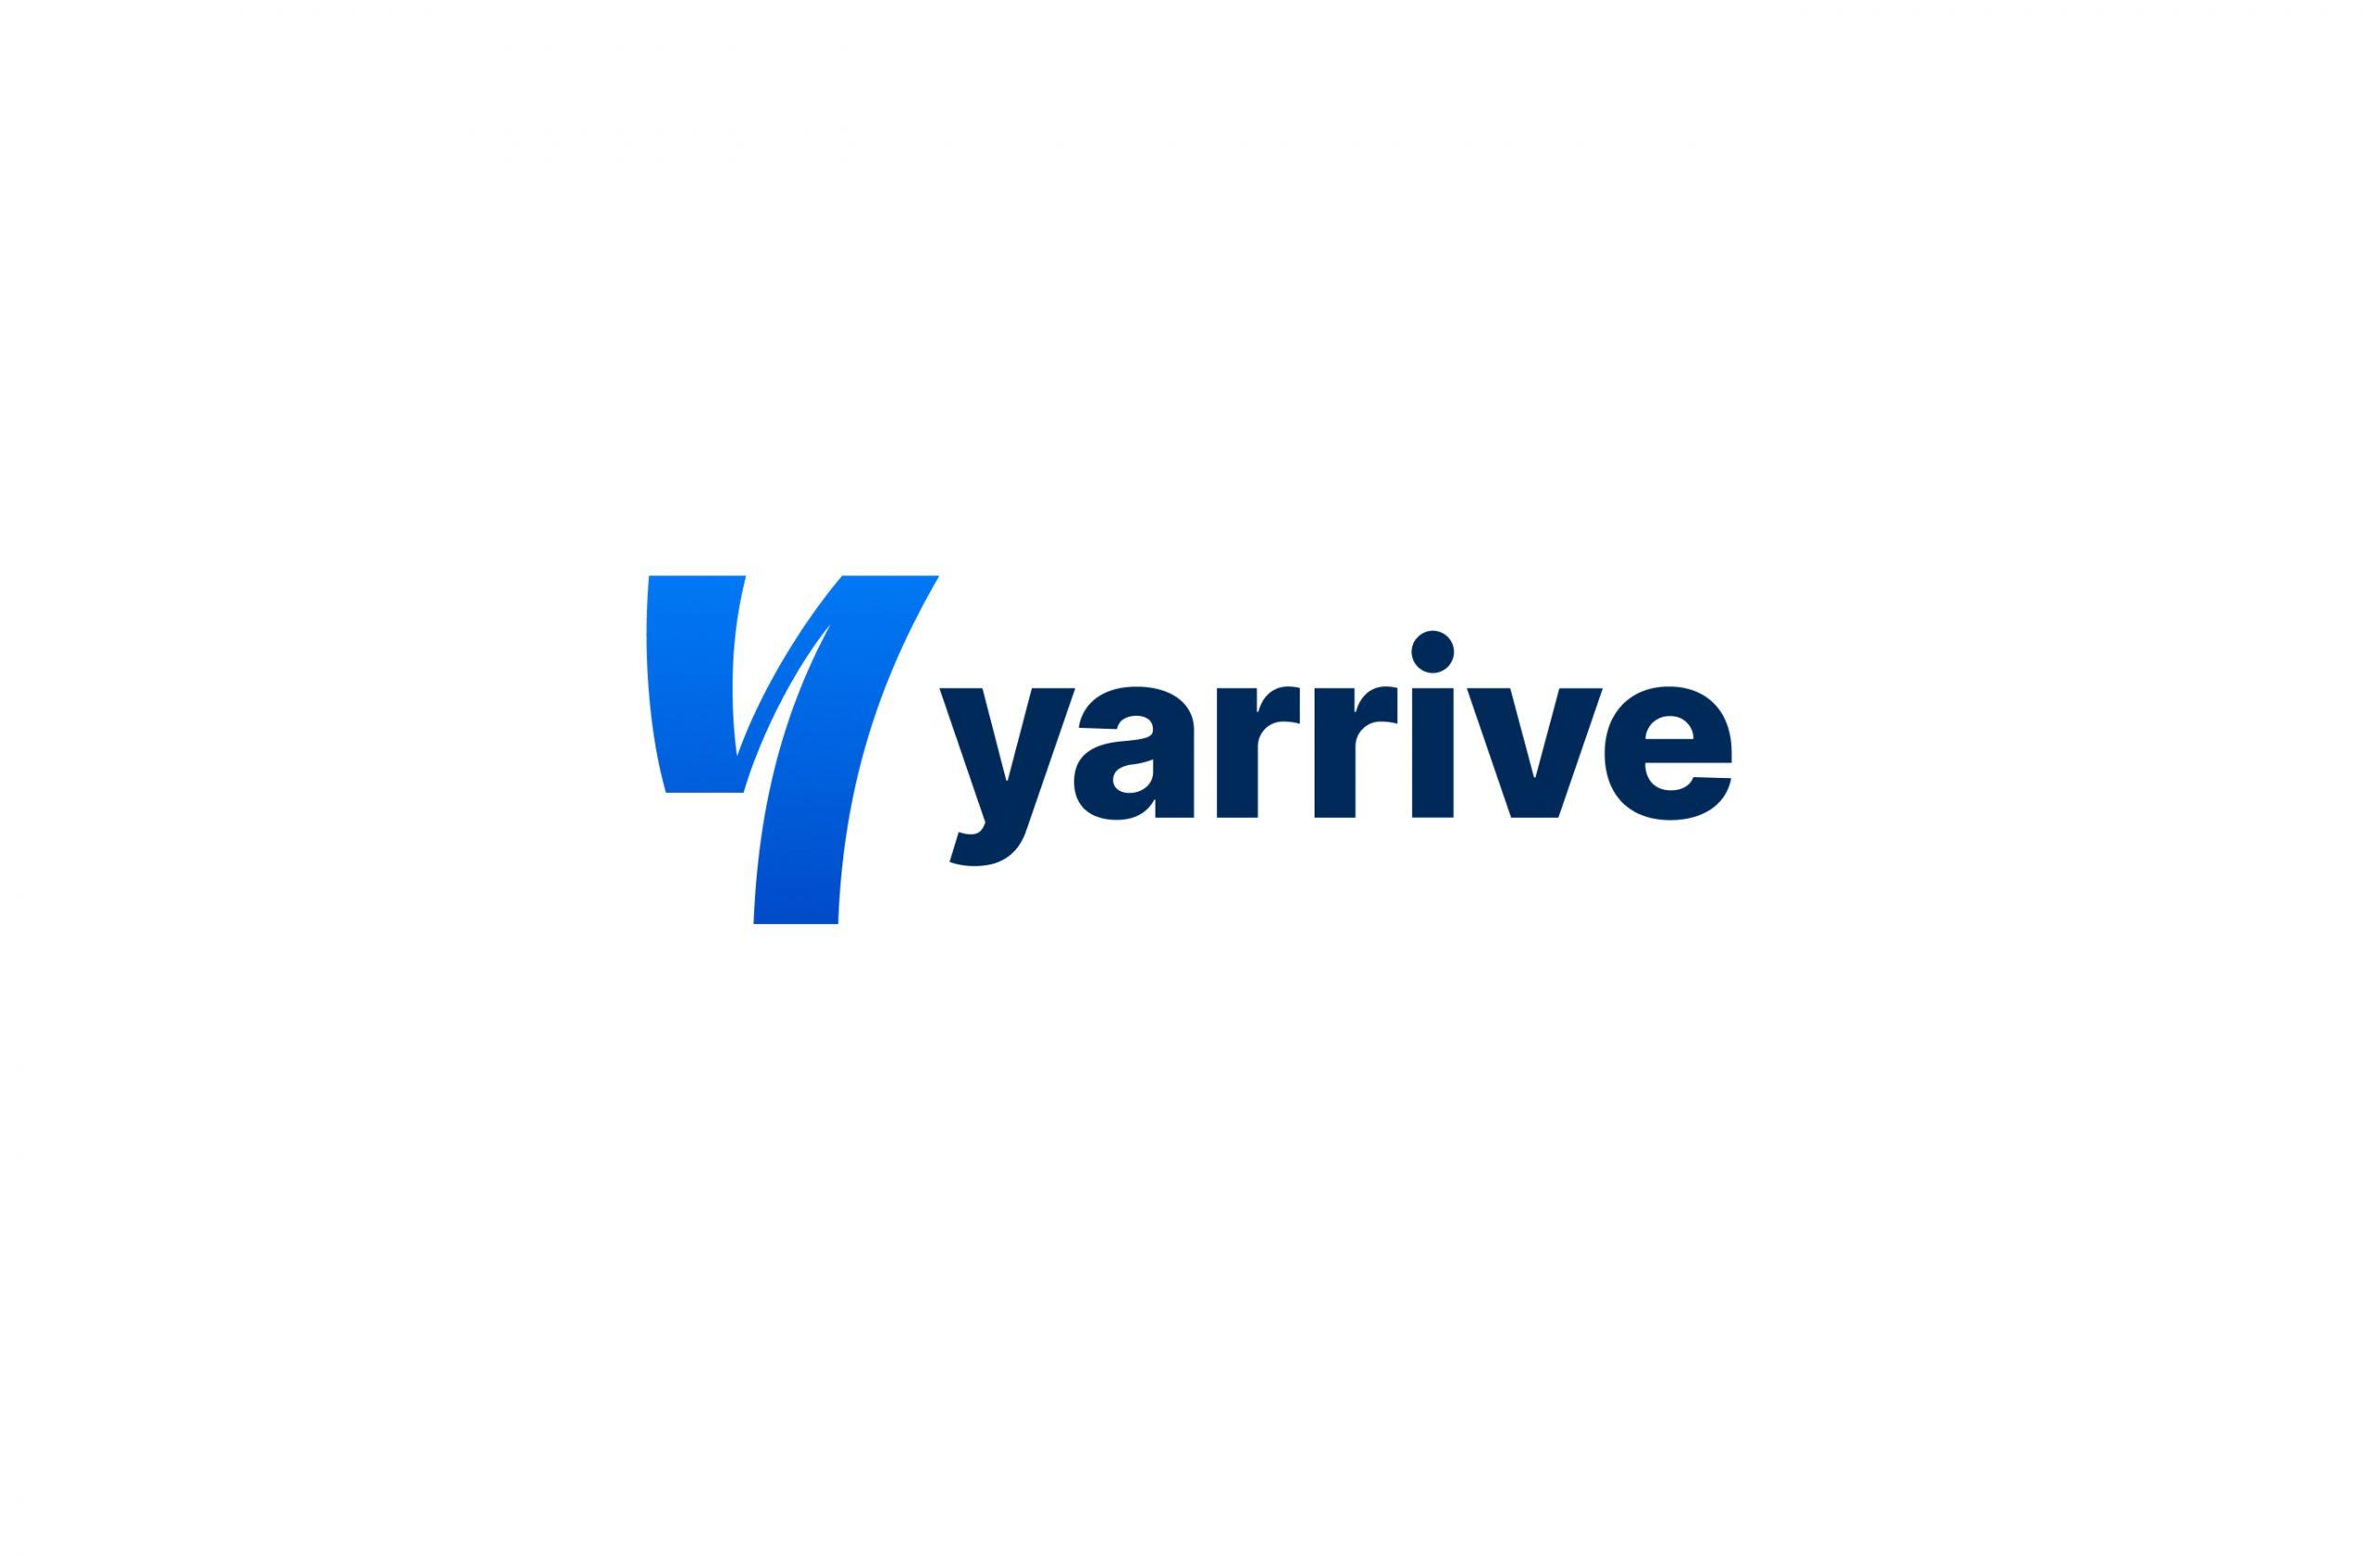 yarrive-01